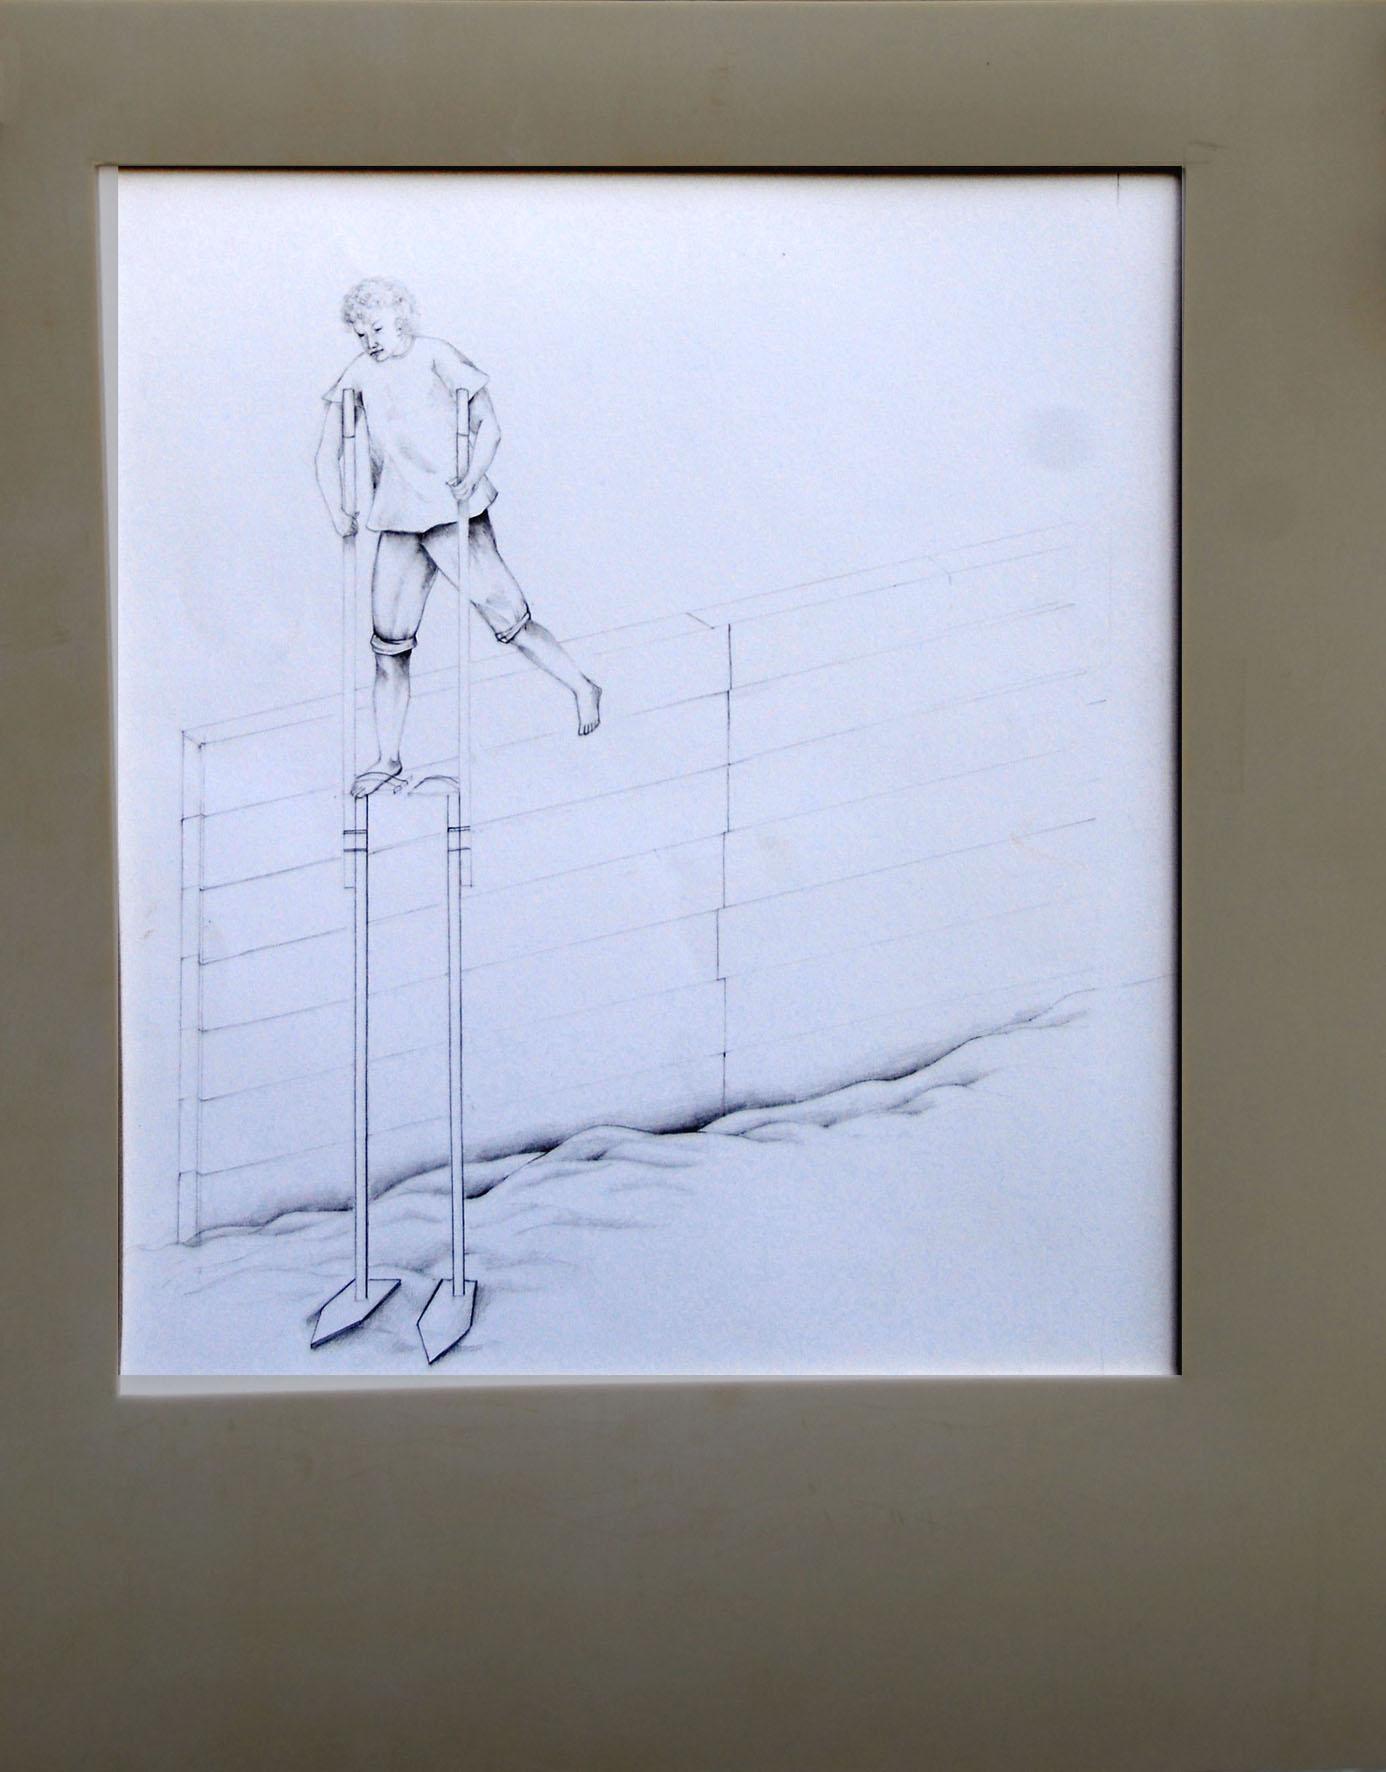 Eugenia Vanni_Passeggiata marina, 2008, parte 1, matita su carta, gomma, 44x51 cm_Galleria Riccardo Crespi